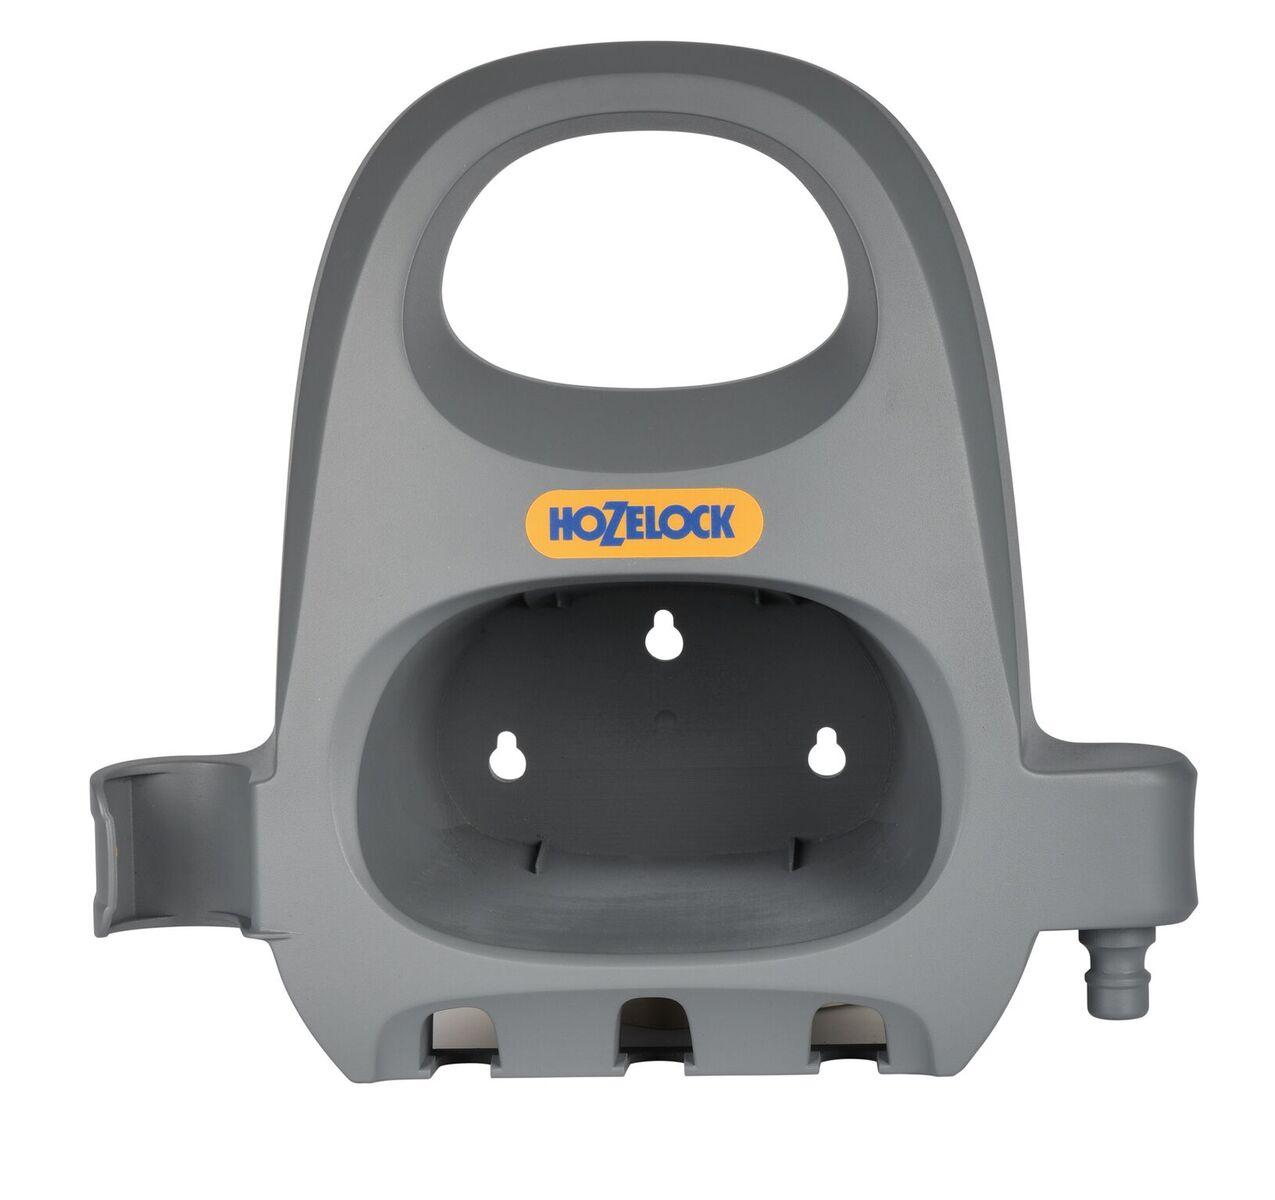 """Катушка для шланга Hozelock 2362 держатель для шланга, серый2362 3600Держатель HoZelock 2362 для шланга позволяет хранить шланг до 30 м диаметра 3/4"""" (19 мм). Шланг в комплект не входит, позволяя использовать собственный шланг или добавить шланг из каталога HoZelock. Отличное решение для удобного хранения шланга, коннекторов и наконечников. Изготовлен из высококачественного пластика. Держатель крепится к стене шурупами, что позволяет удобно наматывать на него шланг, а коннекторы и наконечники с охватываемым соединением """"папа"""" надежно вешаются в отверстиях держателя снизу. После окончания полива намотайте шланг, поместите один конец шланга с охватывающим коннектором """"мама"""" в специальное углубление с одной стороны Держателя, а другой конец с коннектором """"папа"""" легко крепится с другой стороны. Шланг будет компактно храниться на настенном Держателе, который обеспечивает легкий доступ к шлангу в любое время, когда необходимо им воспользоваться. Держатель изготовлен из высококачественного пластика."""